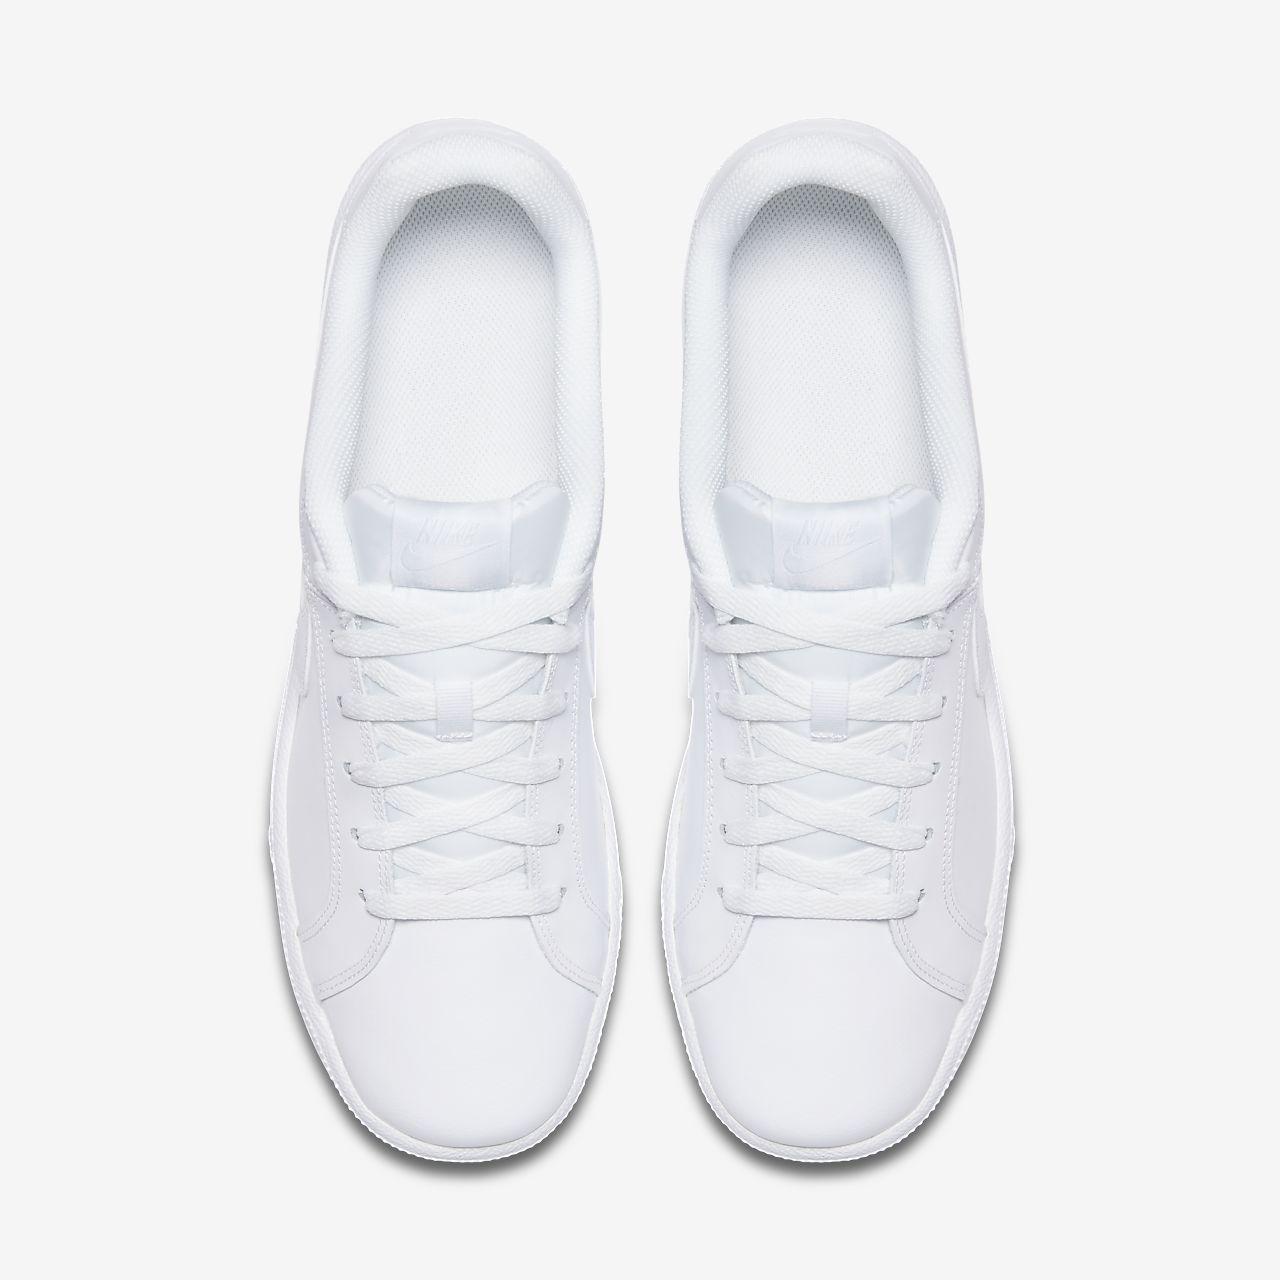 uk availability 788e2 0ede1 ... Nike Court Royale – sko til mænd